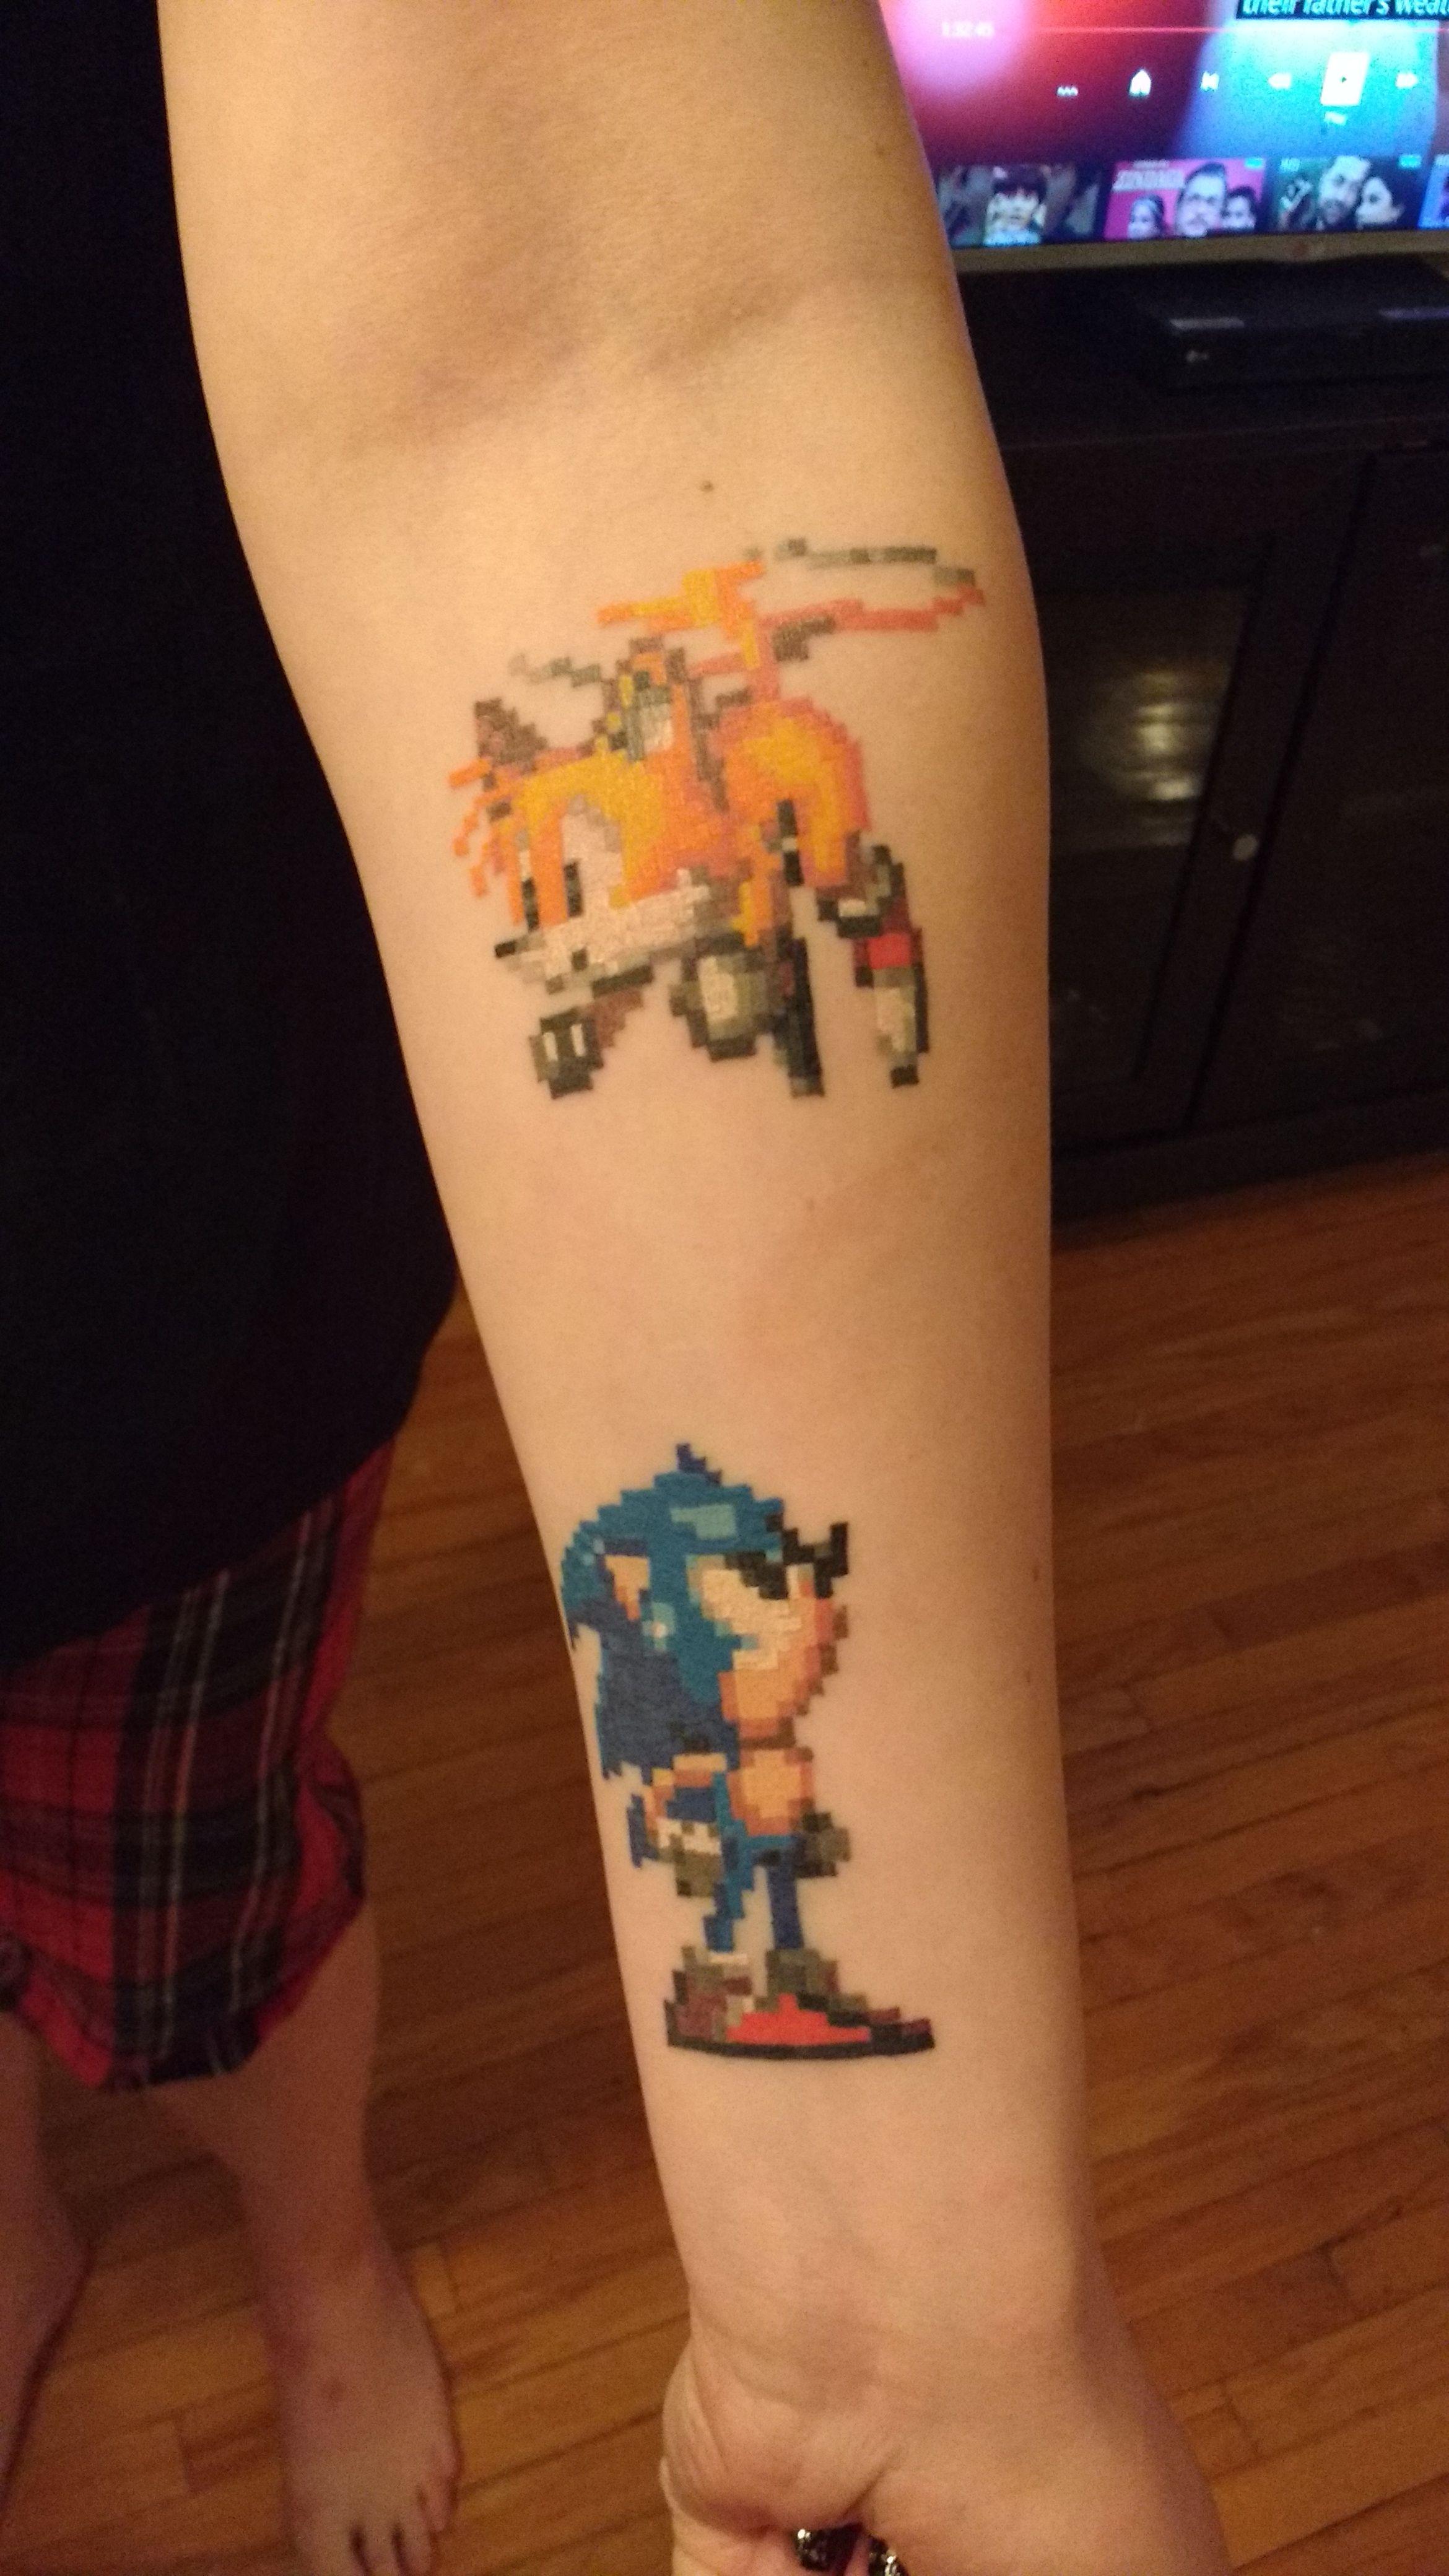 16bit Sonic tattoos Nerdy tattoos, Gaming tattoo, Gamer